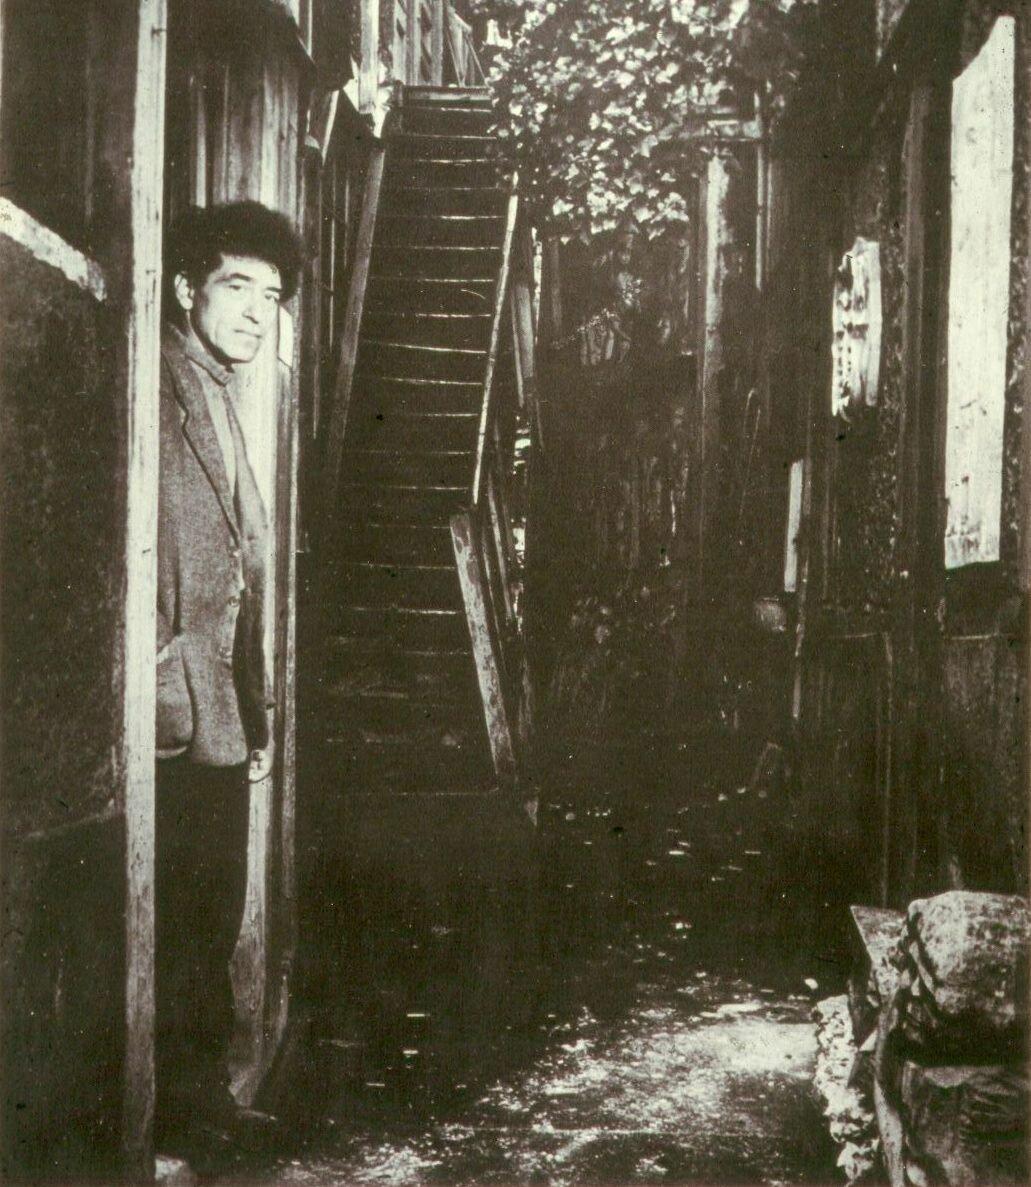 1948. Альберто Джакометти Джакометти у входа в свою мастерскую